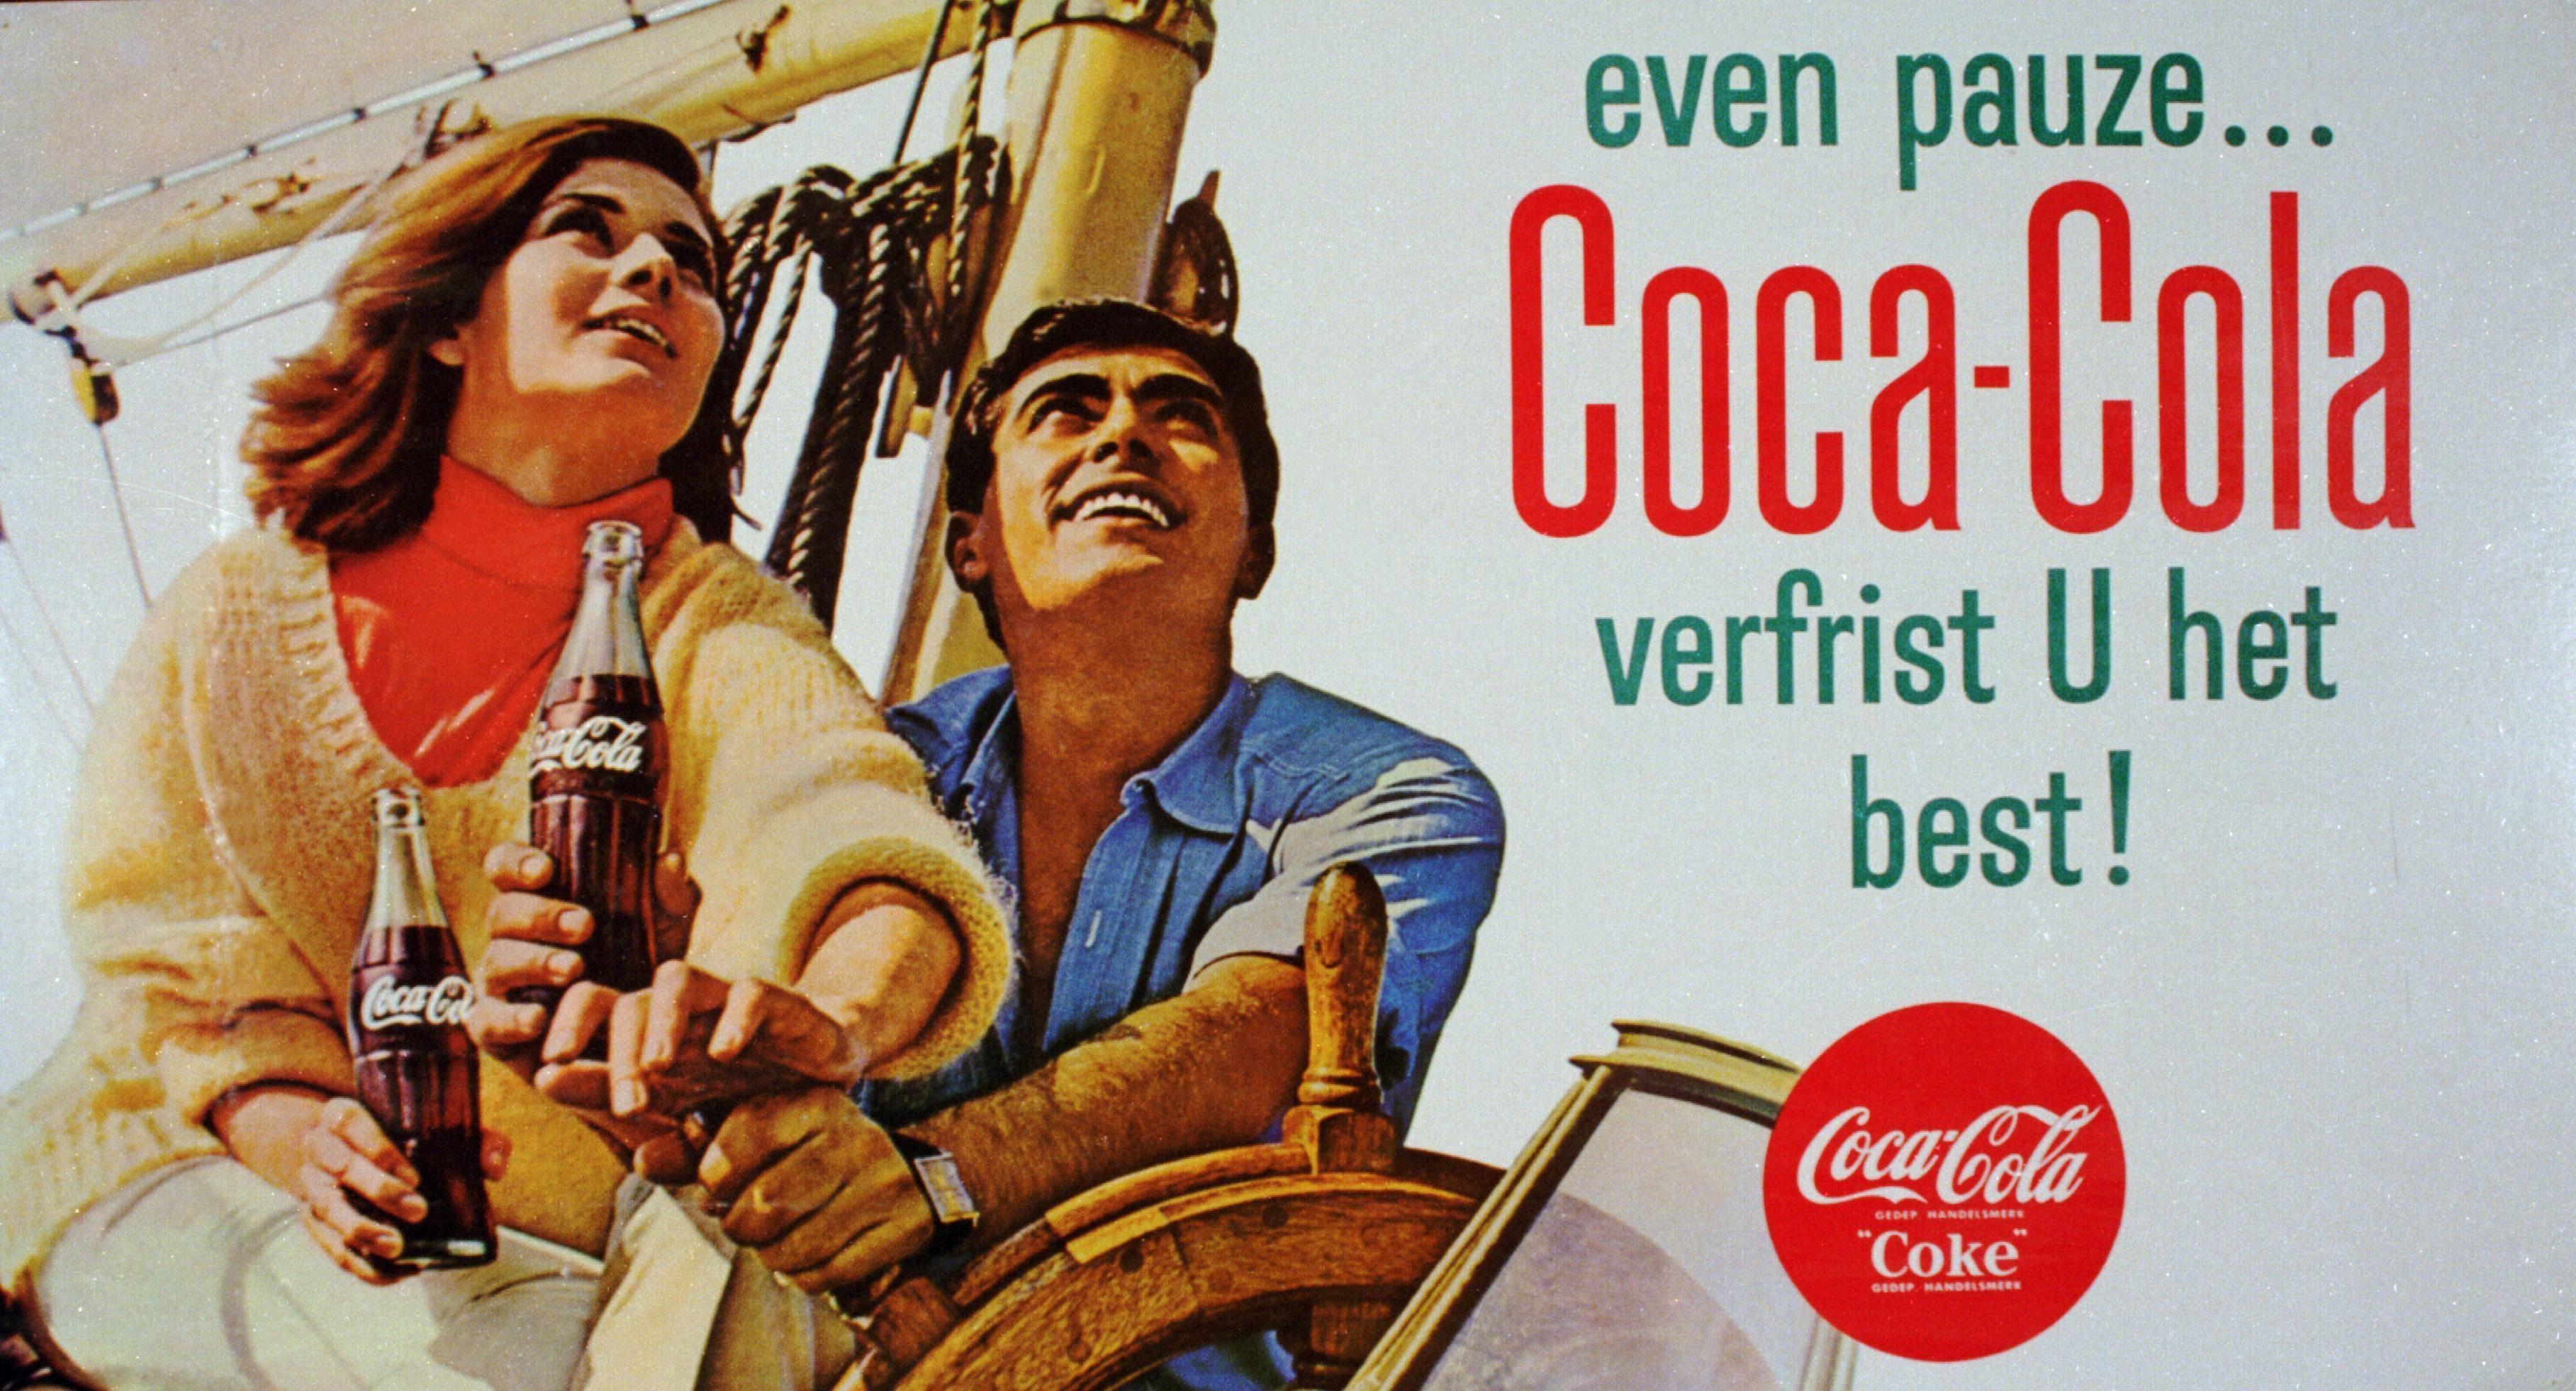 Unieke Expositie 125 Jaar Coca Cola  Hoorngids  De Nieuwsbron